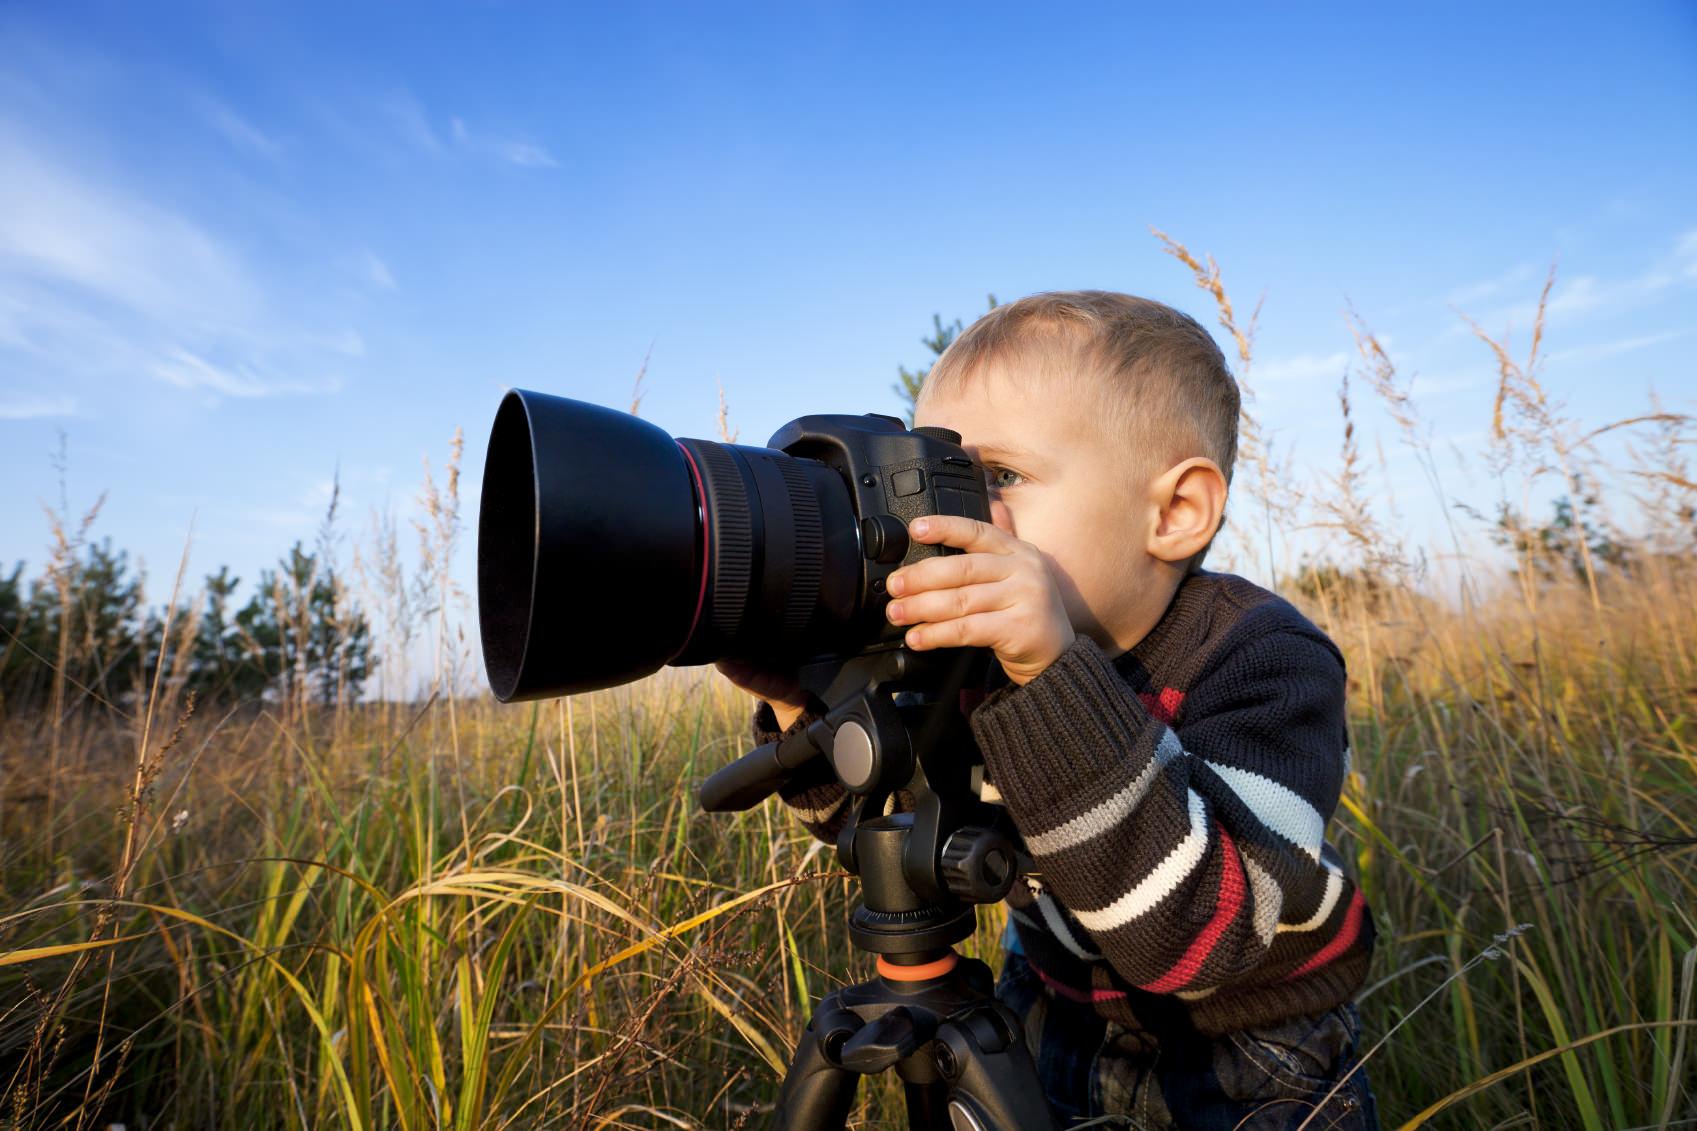 фото о фотографах всех оригинальными милыми